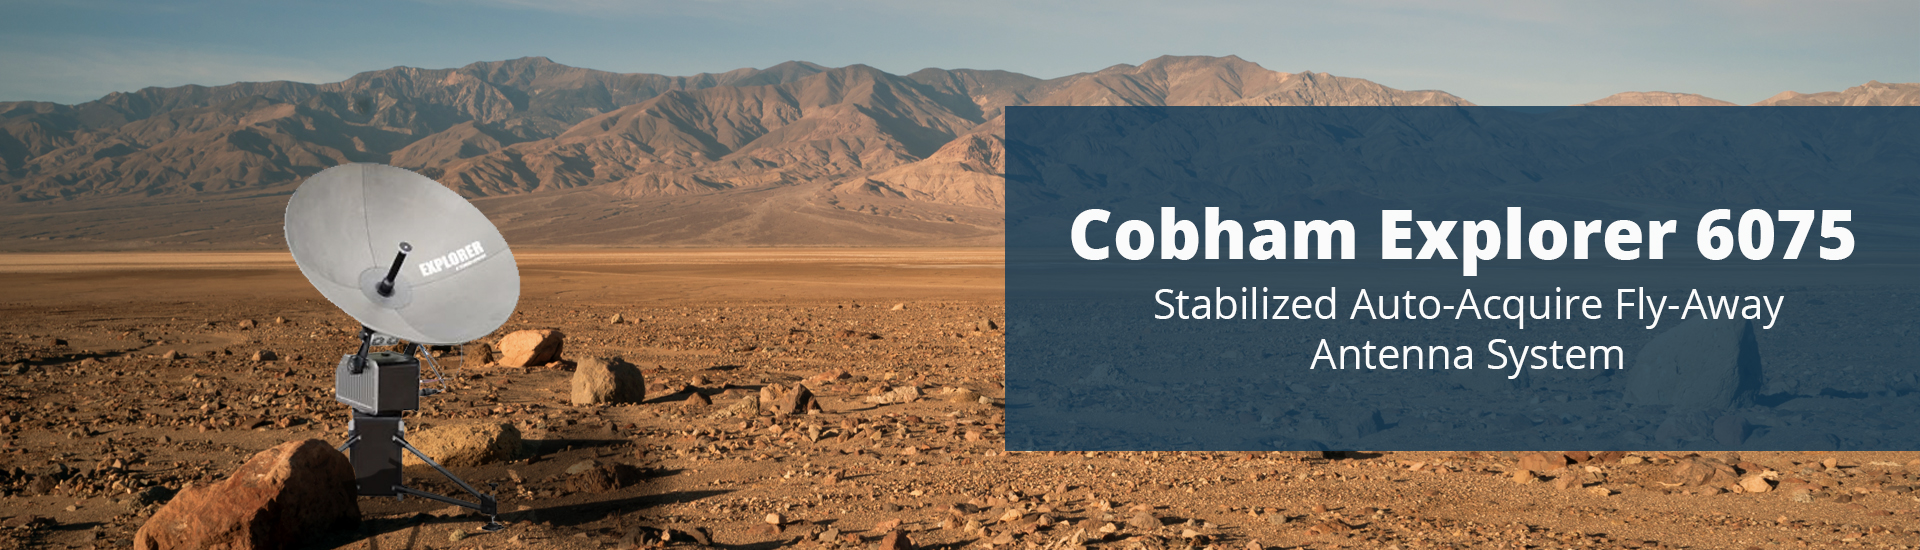 Cobham Explorer 6075